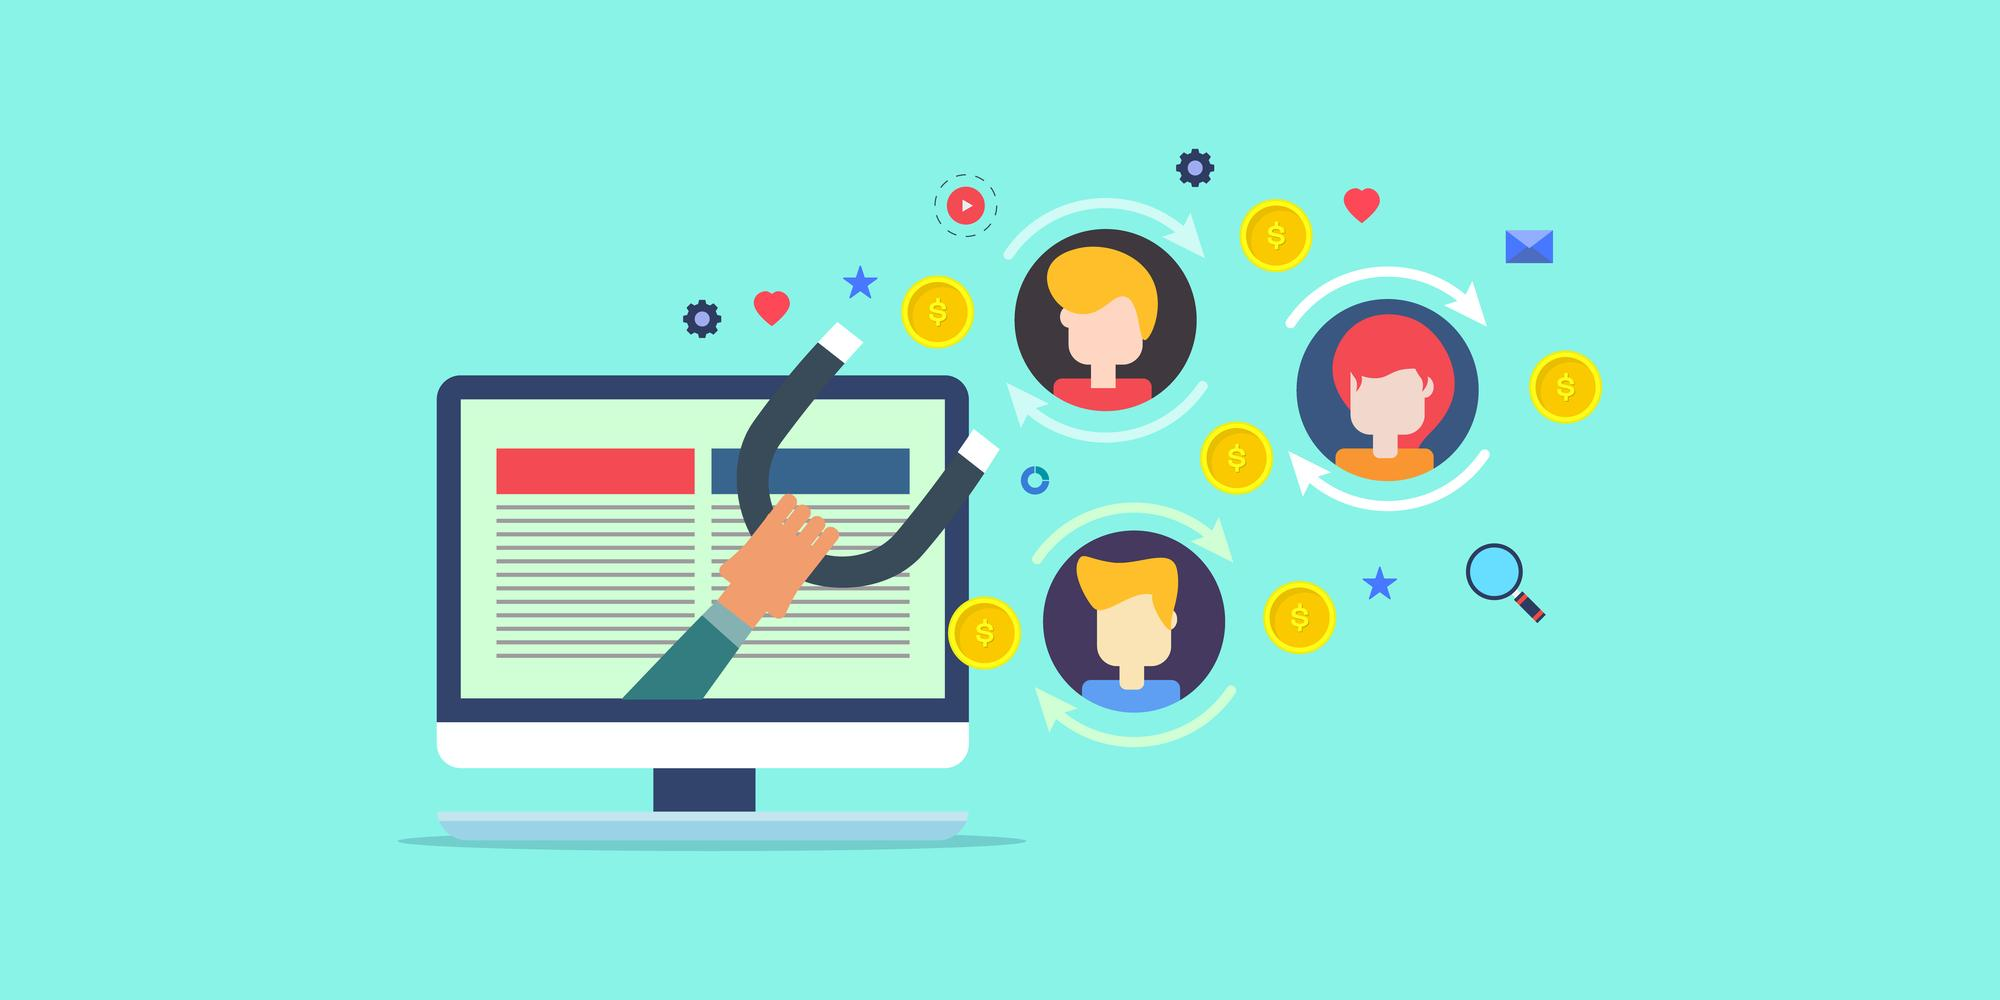 חשיבות תפעול ביקורות גוגל – תנו ללקוחות שלכם להפיץ את הבשורה